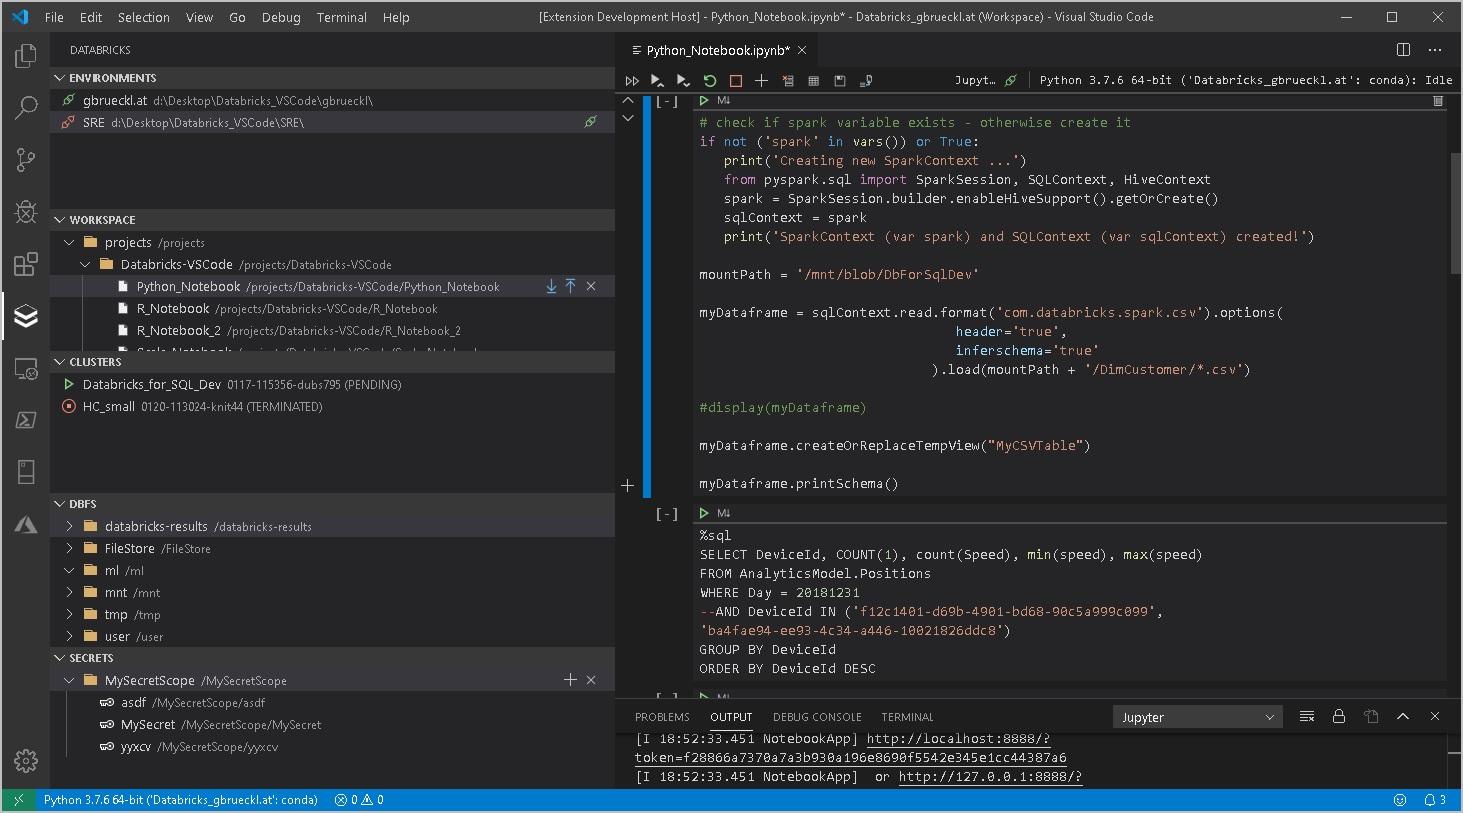 Databricks-VSCode